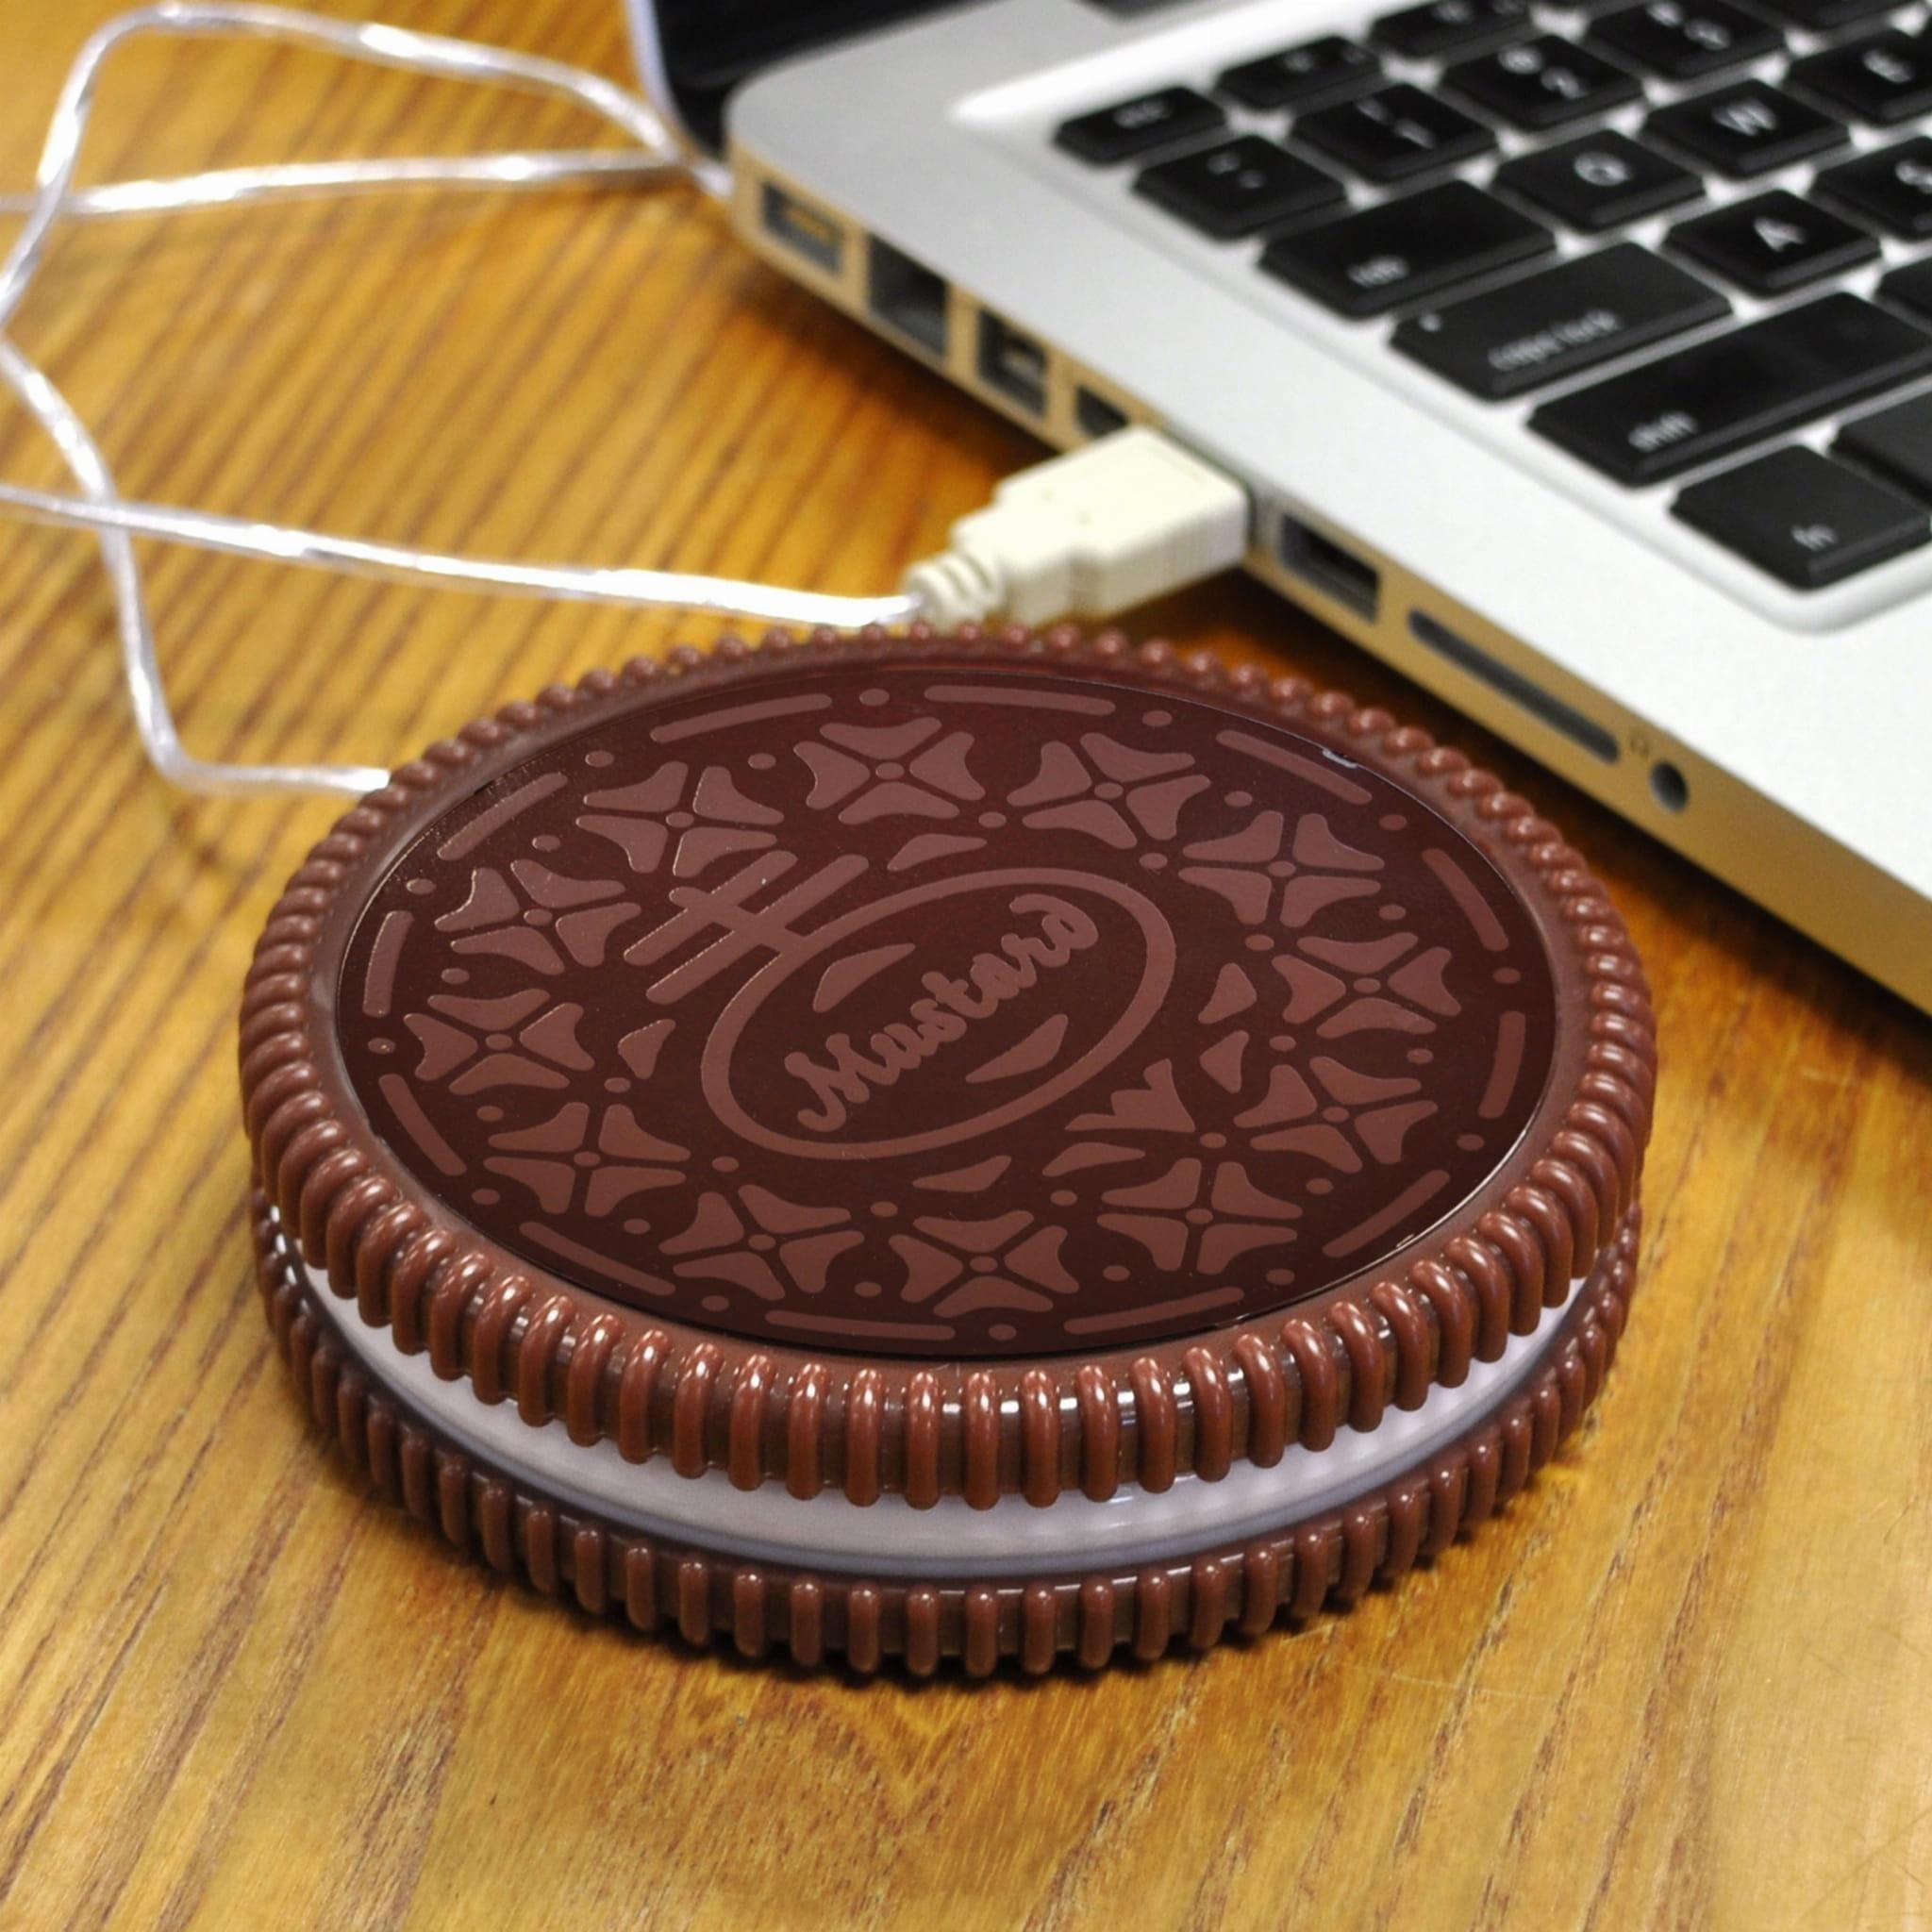 Podgrzewacz USB pod kubek ciasteczko